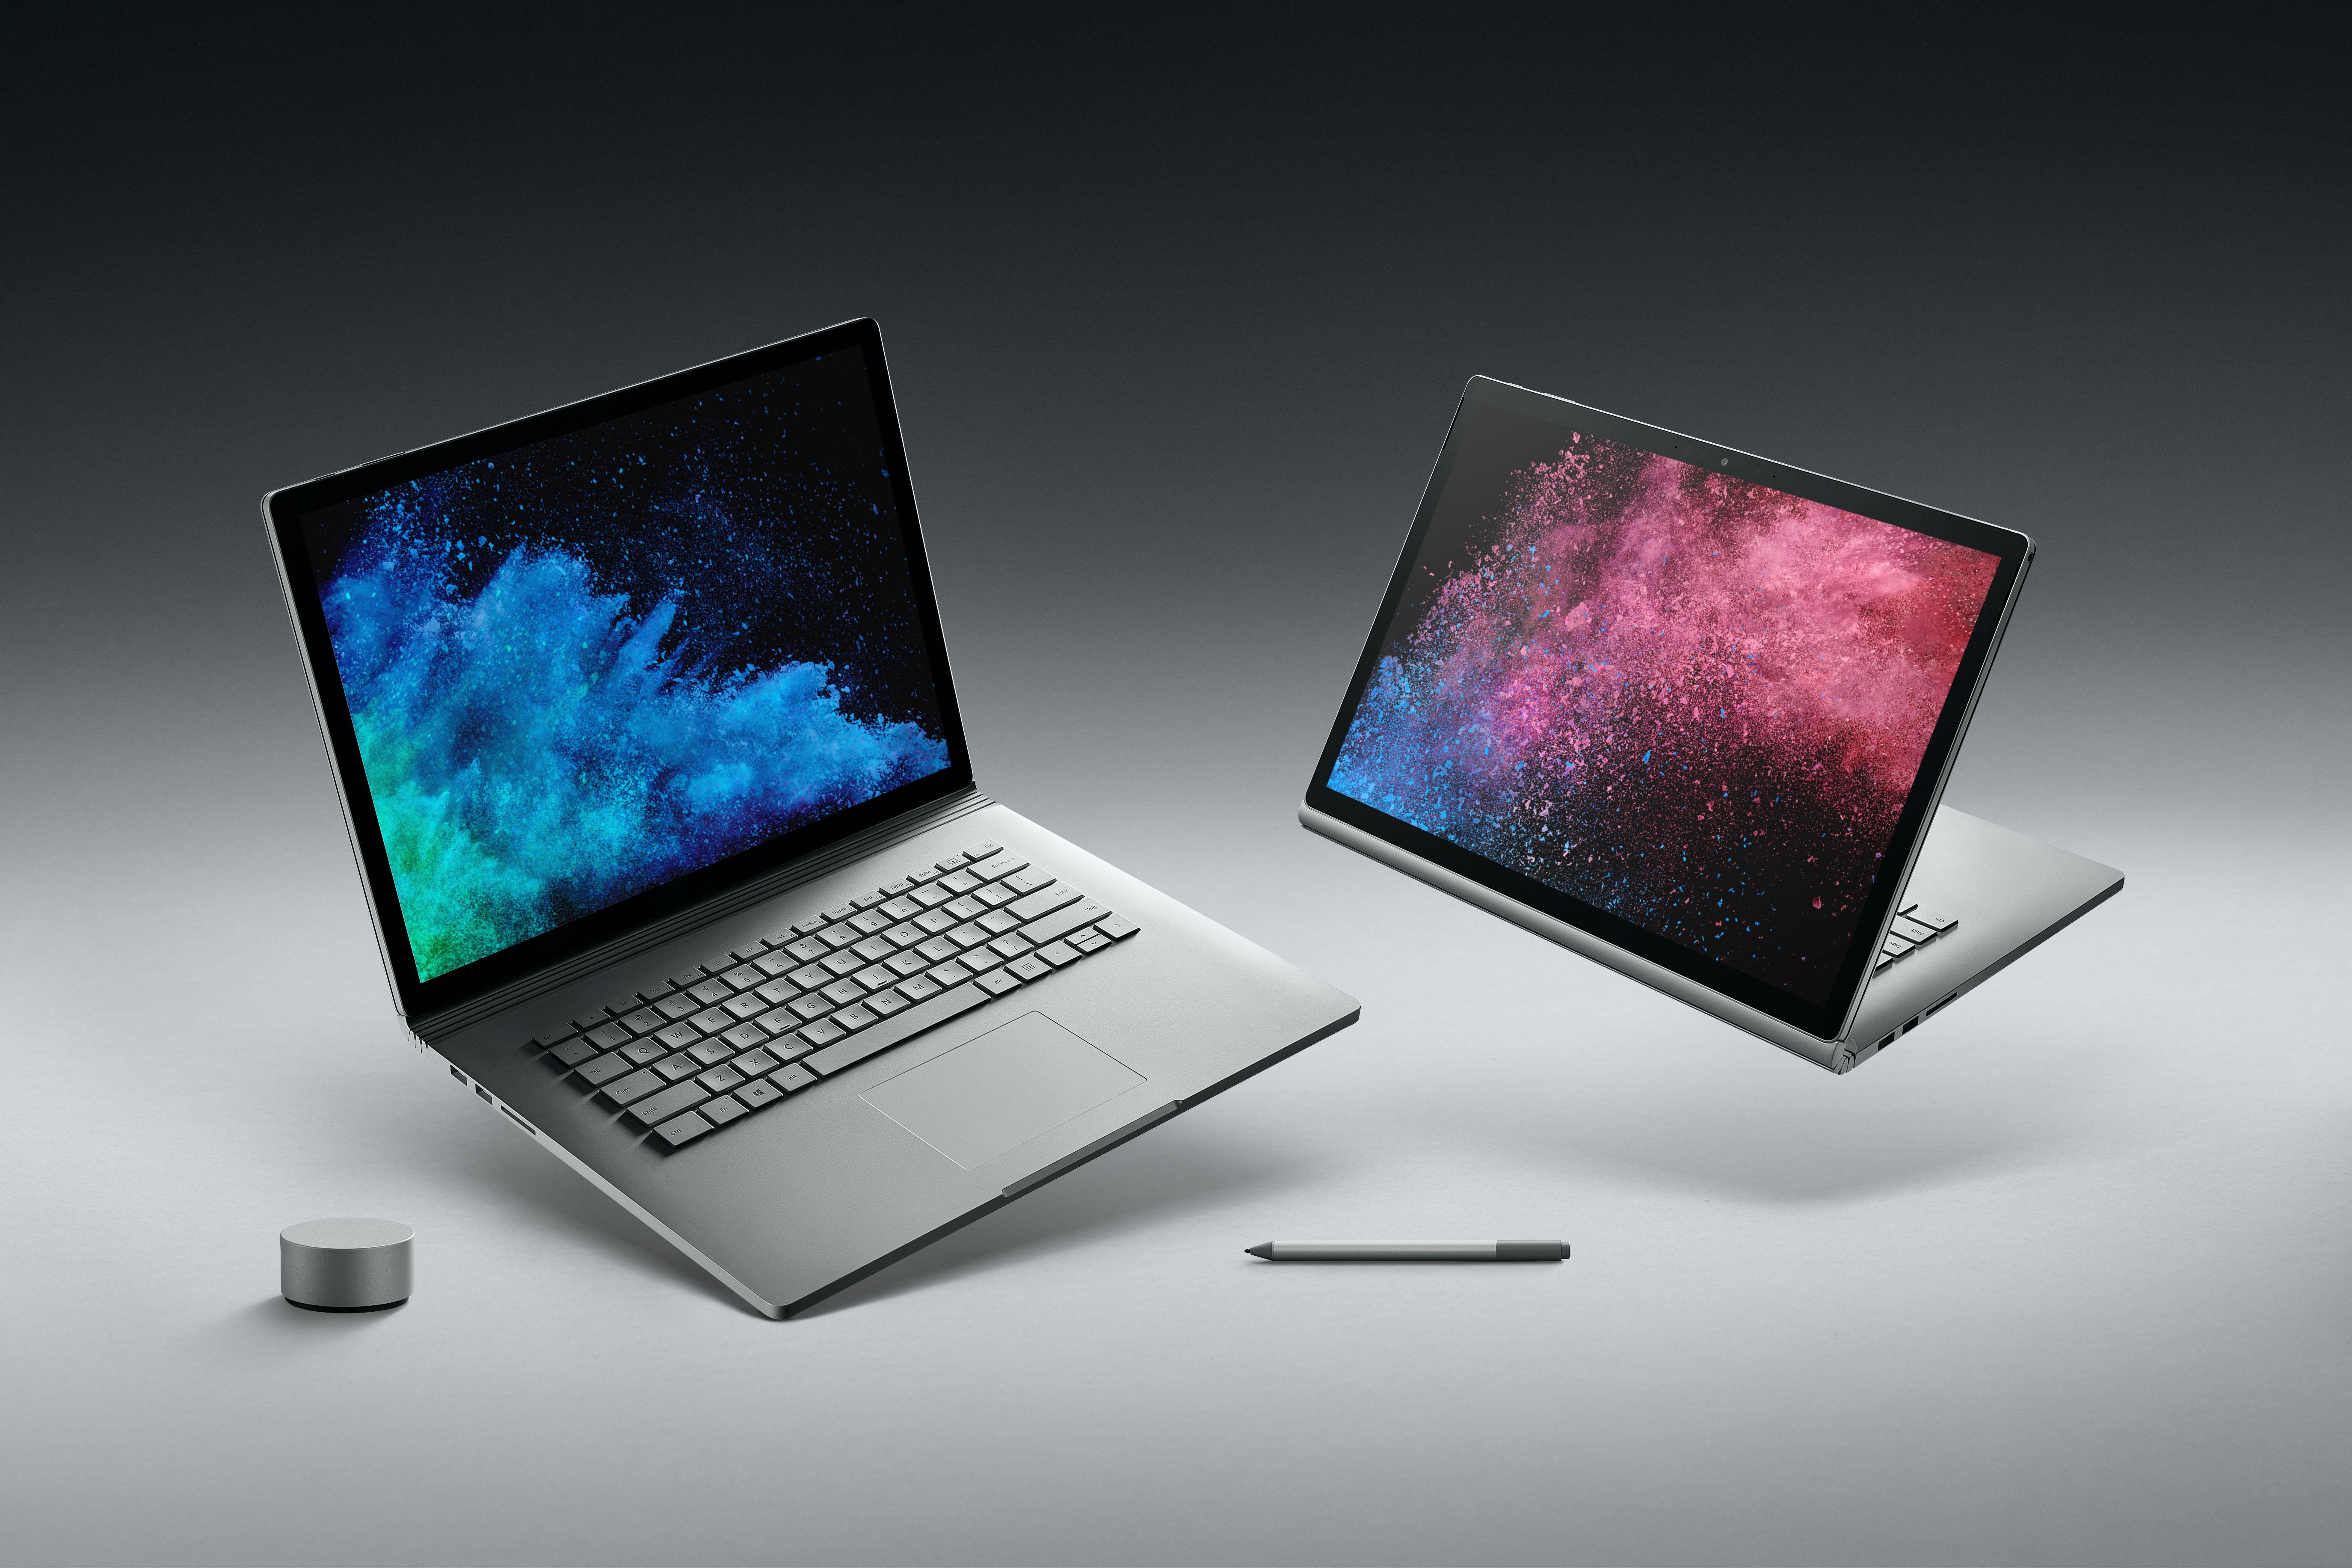 マイクロソフトがSurface Book 2 (15インチ モデル)、Surface Pro LTE Advanced予約開始、4/6より発売へ。